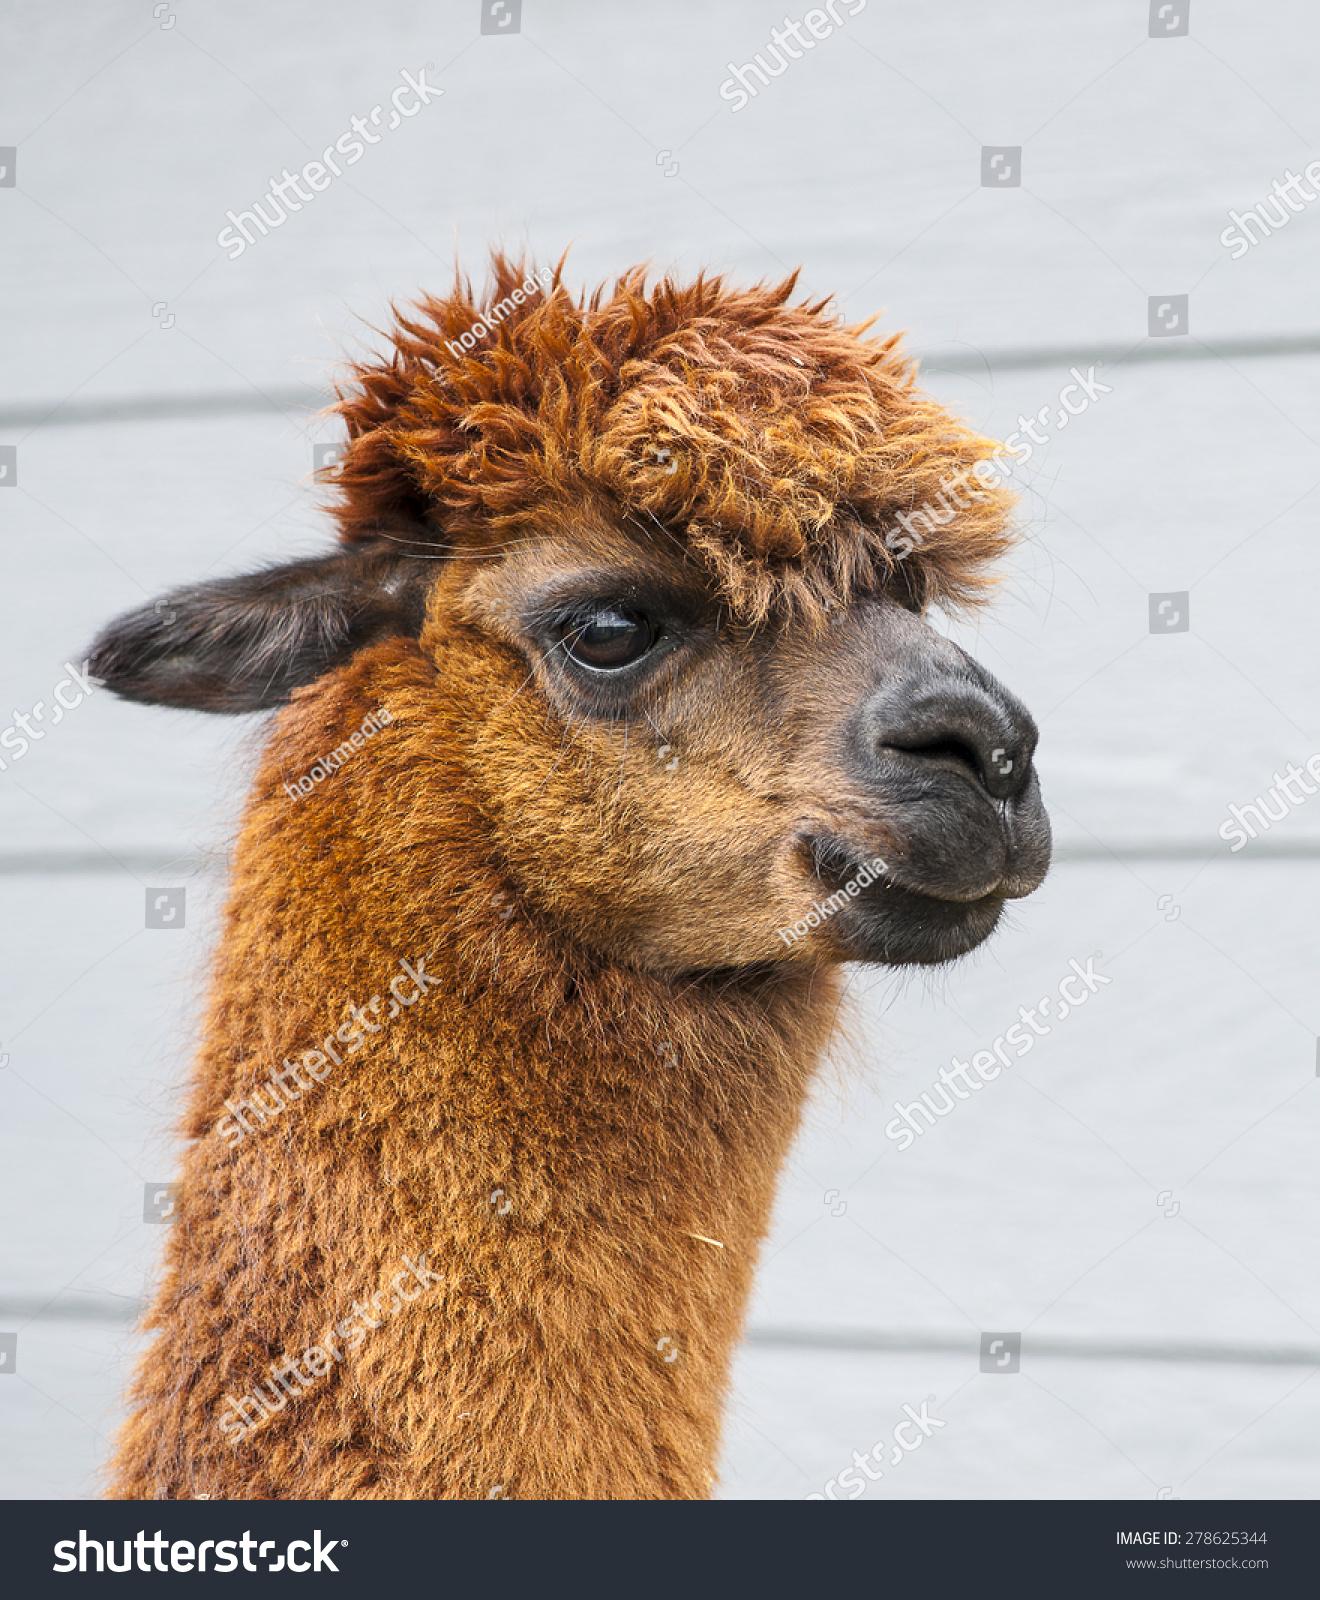 棕色羊驼与深蓝色的谷仓的背景-动物/野生生物-海洛()